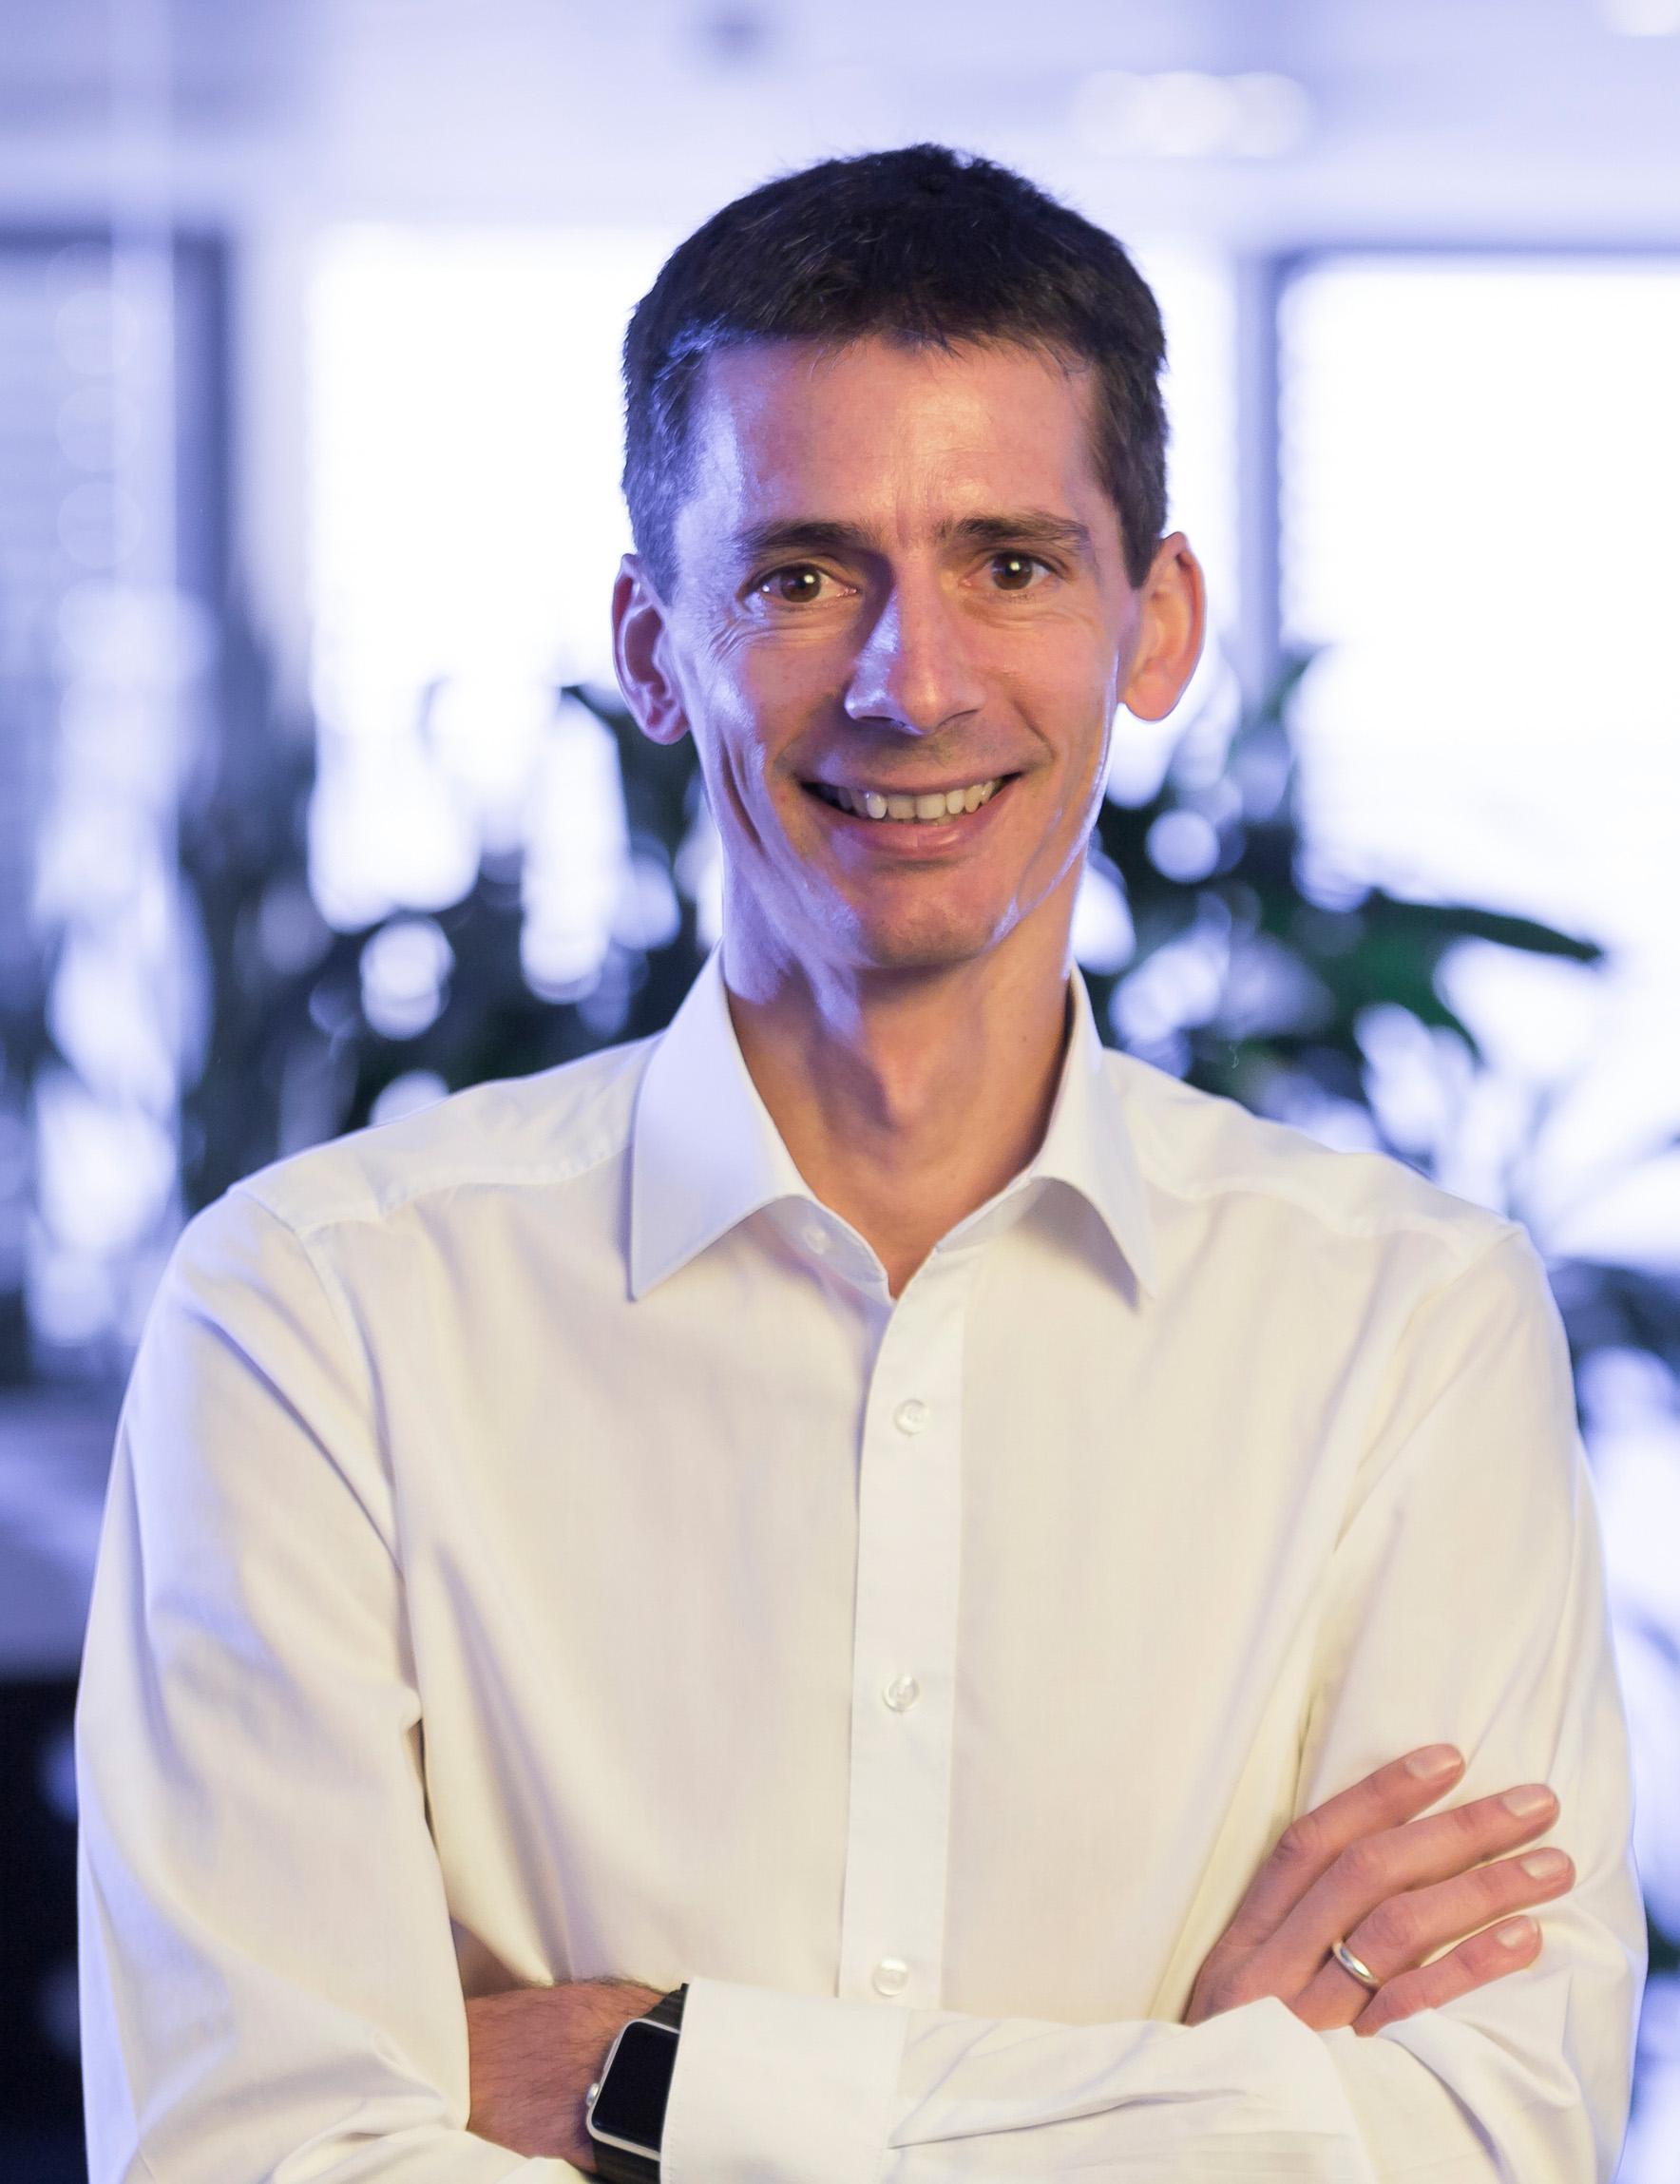 Jürgen Pansy<br>(Founder, Strategy)